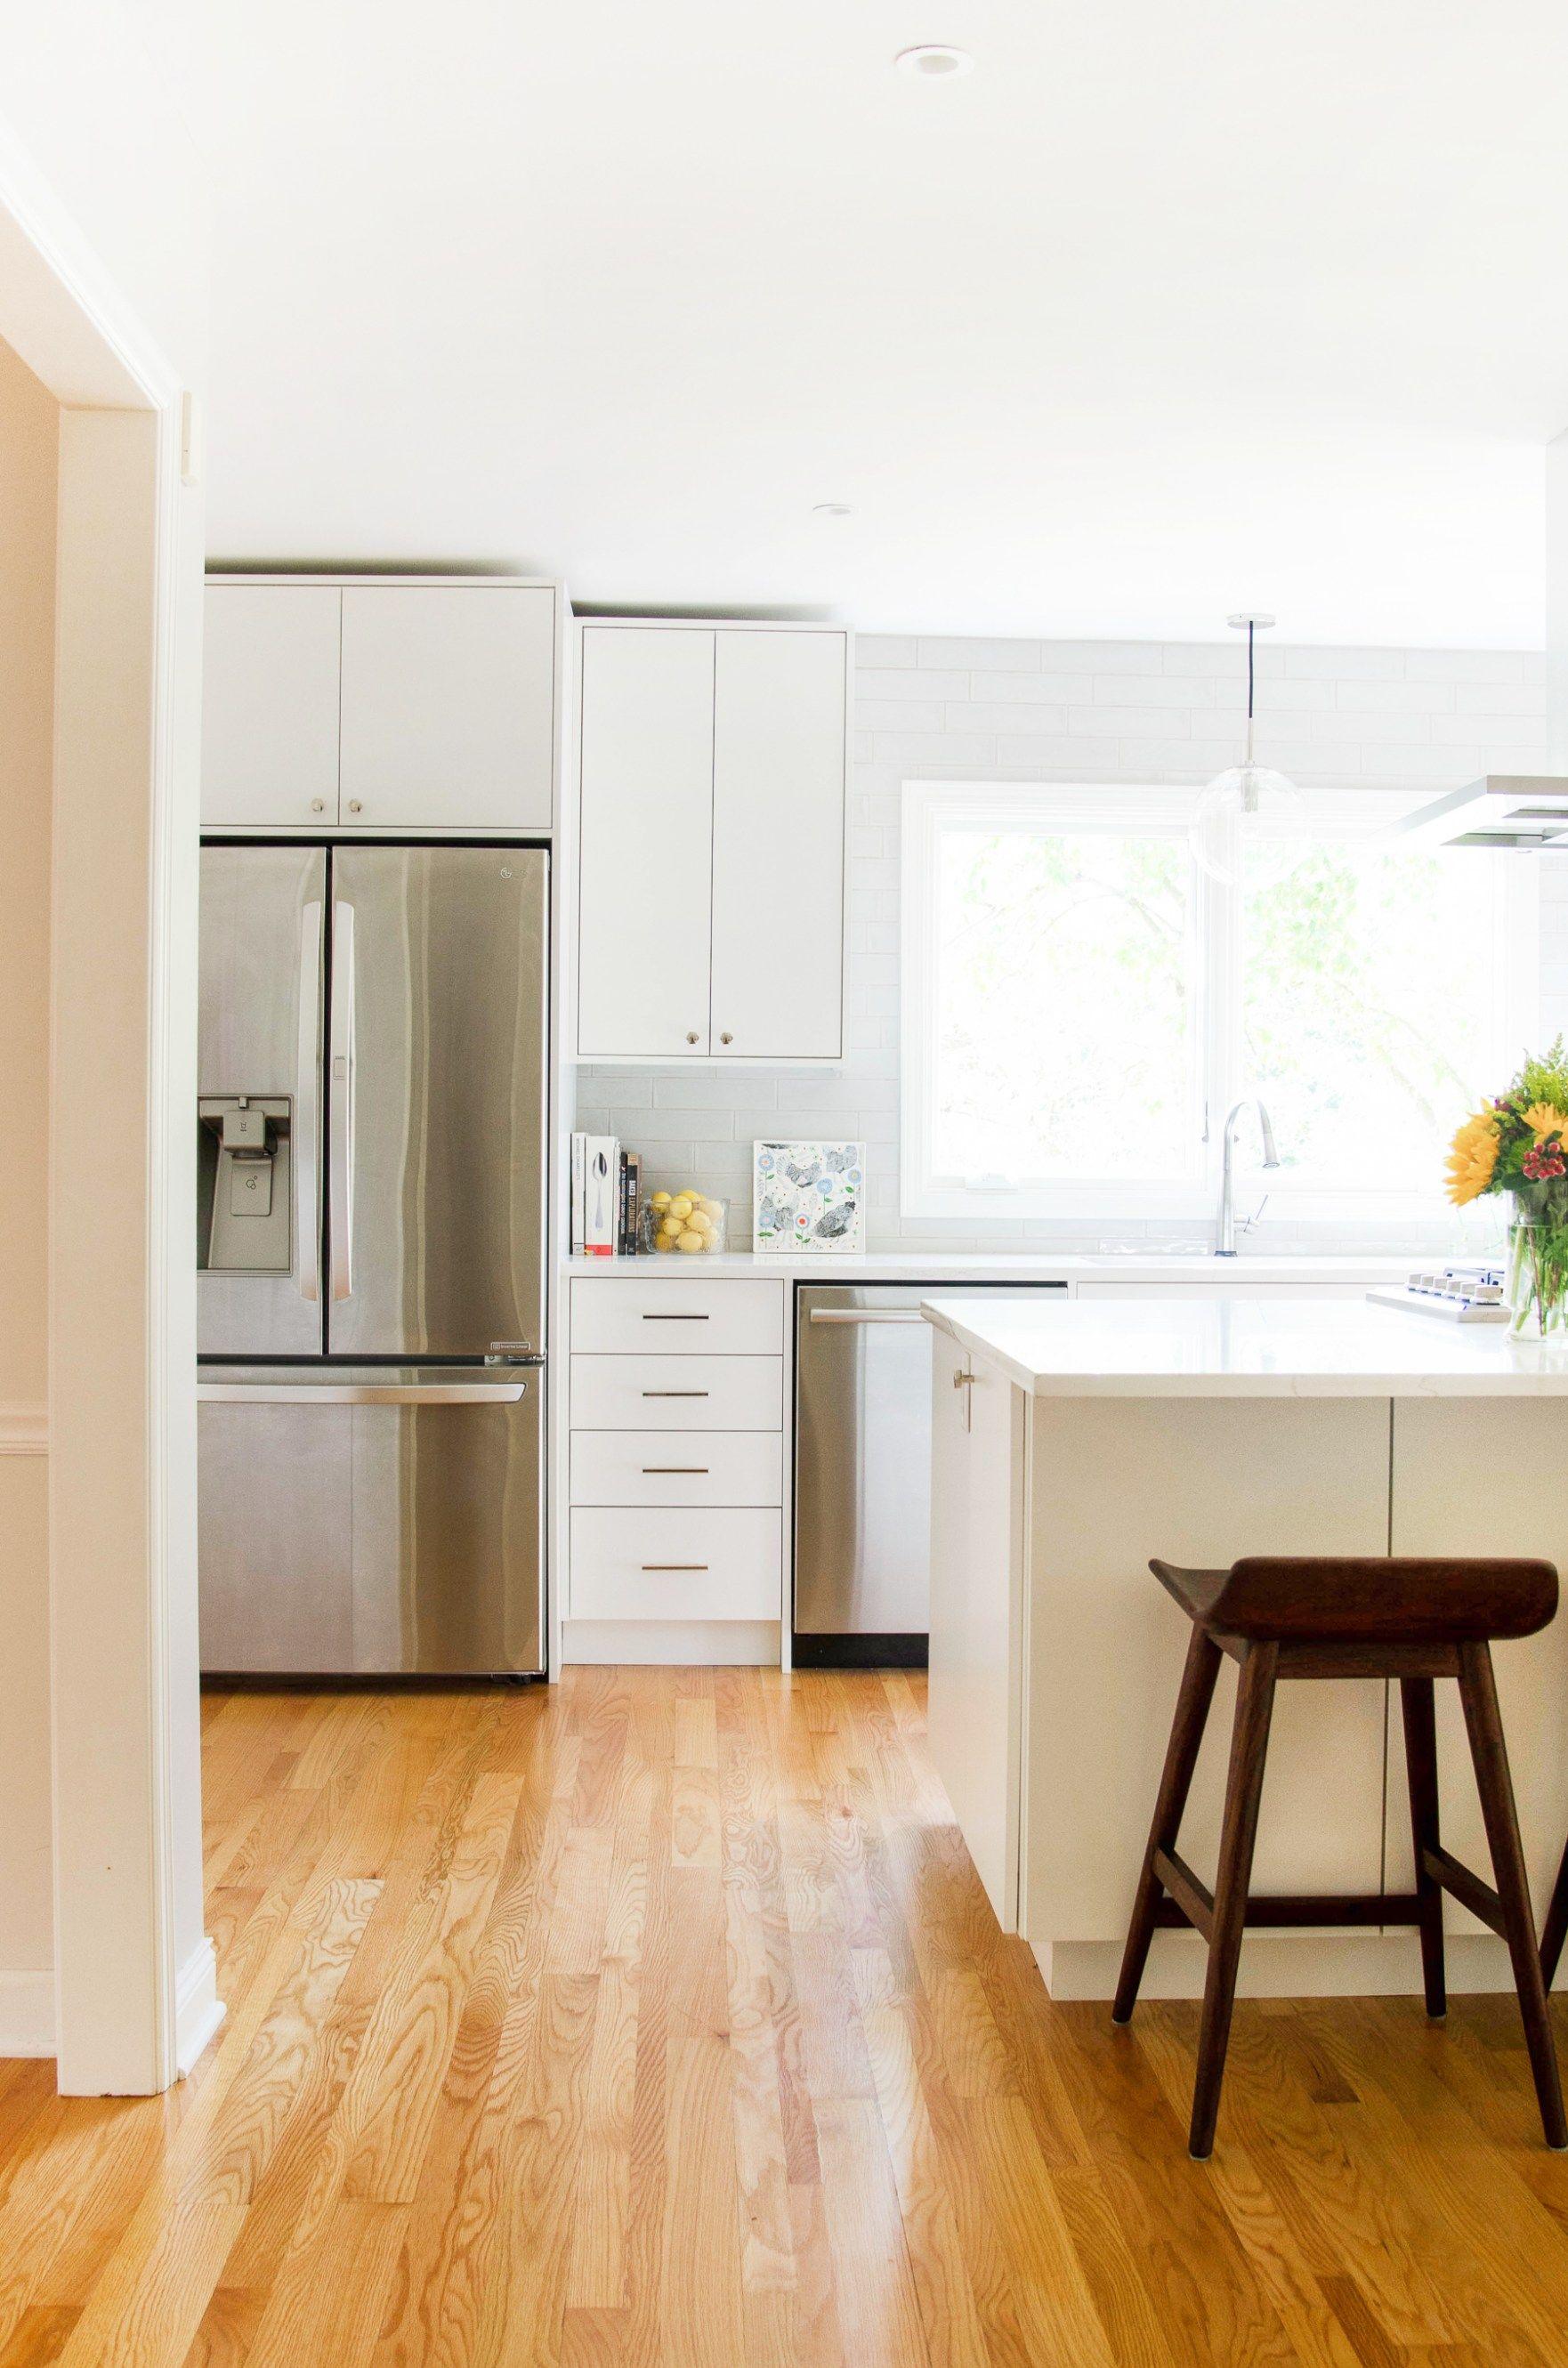 Beau West Des Moines Kitchen Remodel U2022 Jillian Lare   Des Moines, Iowa Interior  Designer